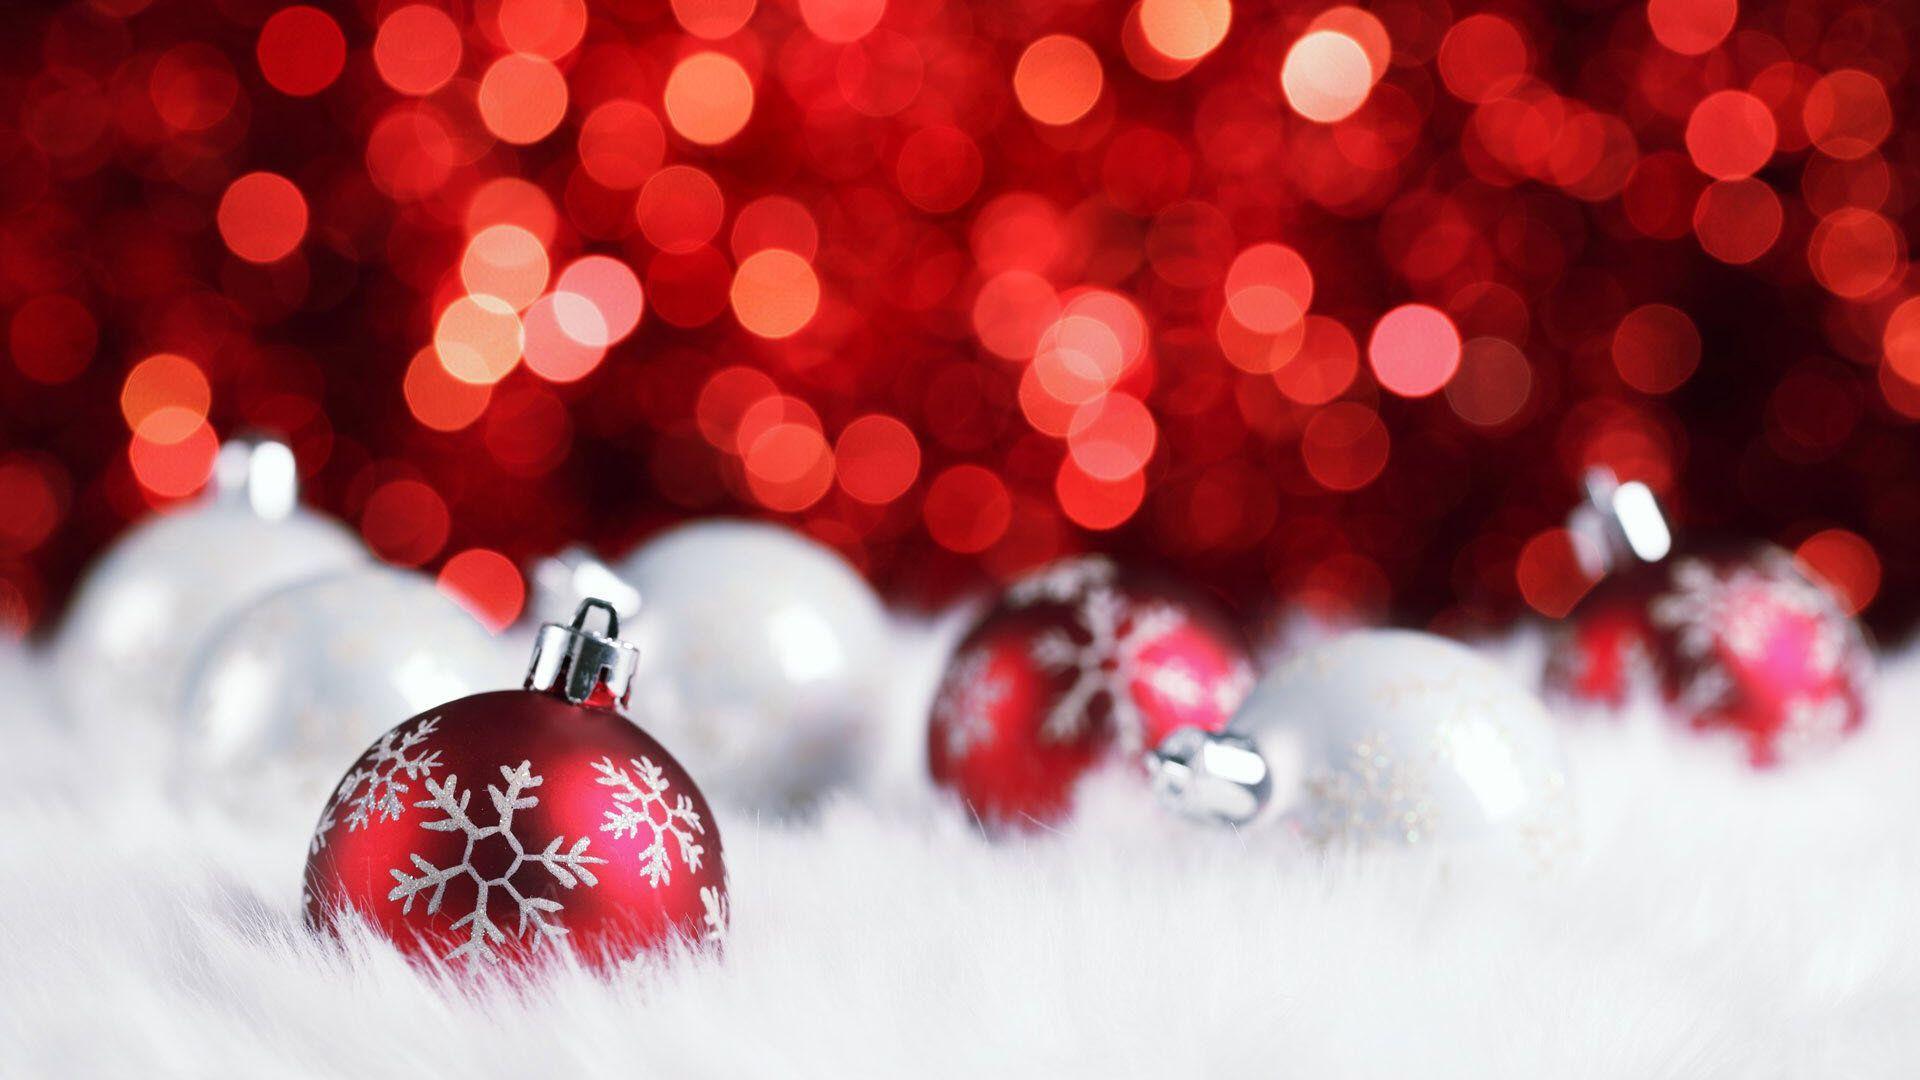 1920x1080 Hình nền Giáng sinh đẹp - Giáng sinh vui vẻ và năm mới hạnh phúc 2018